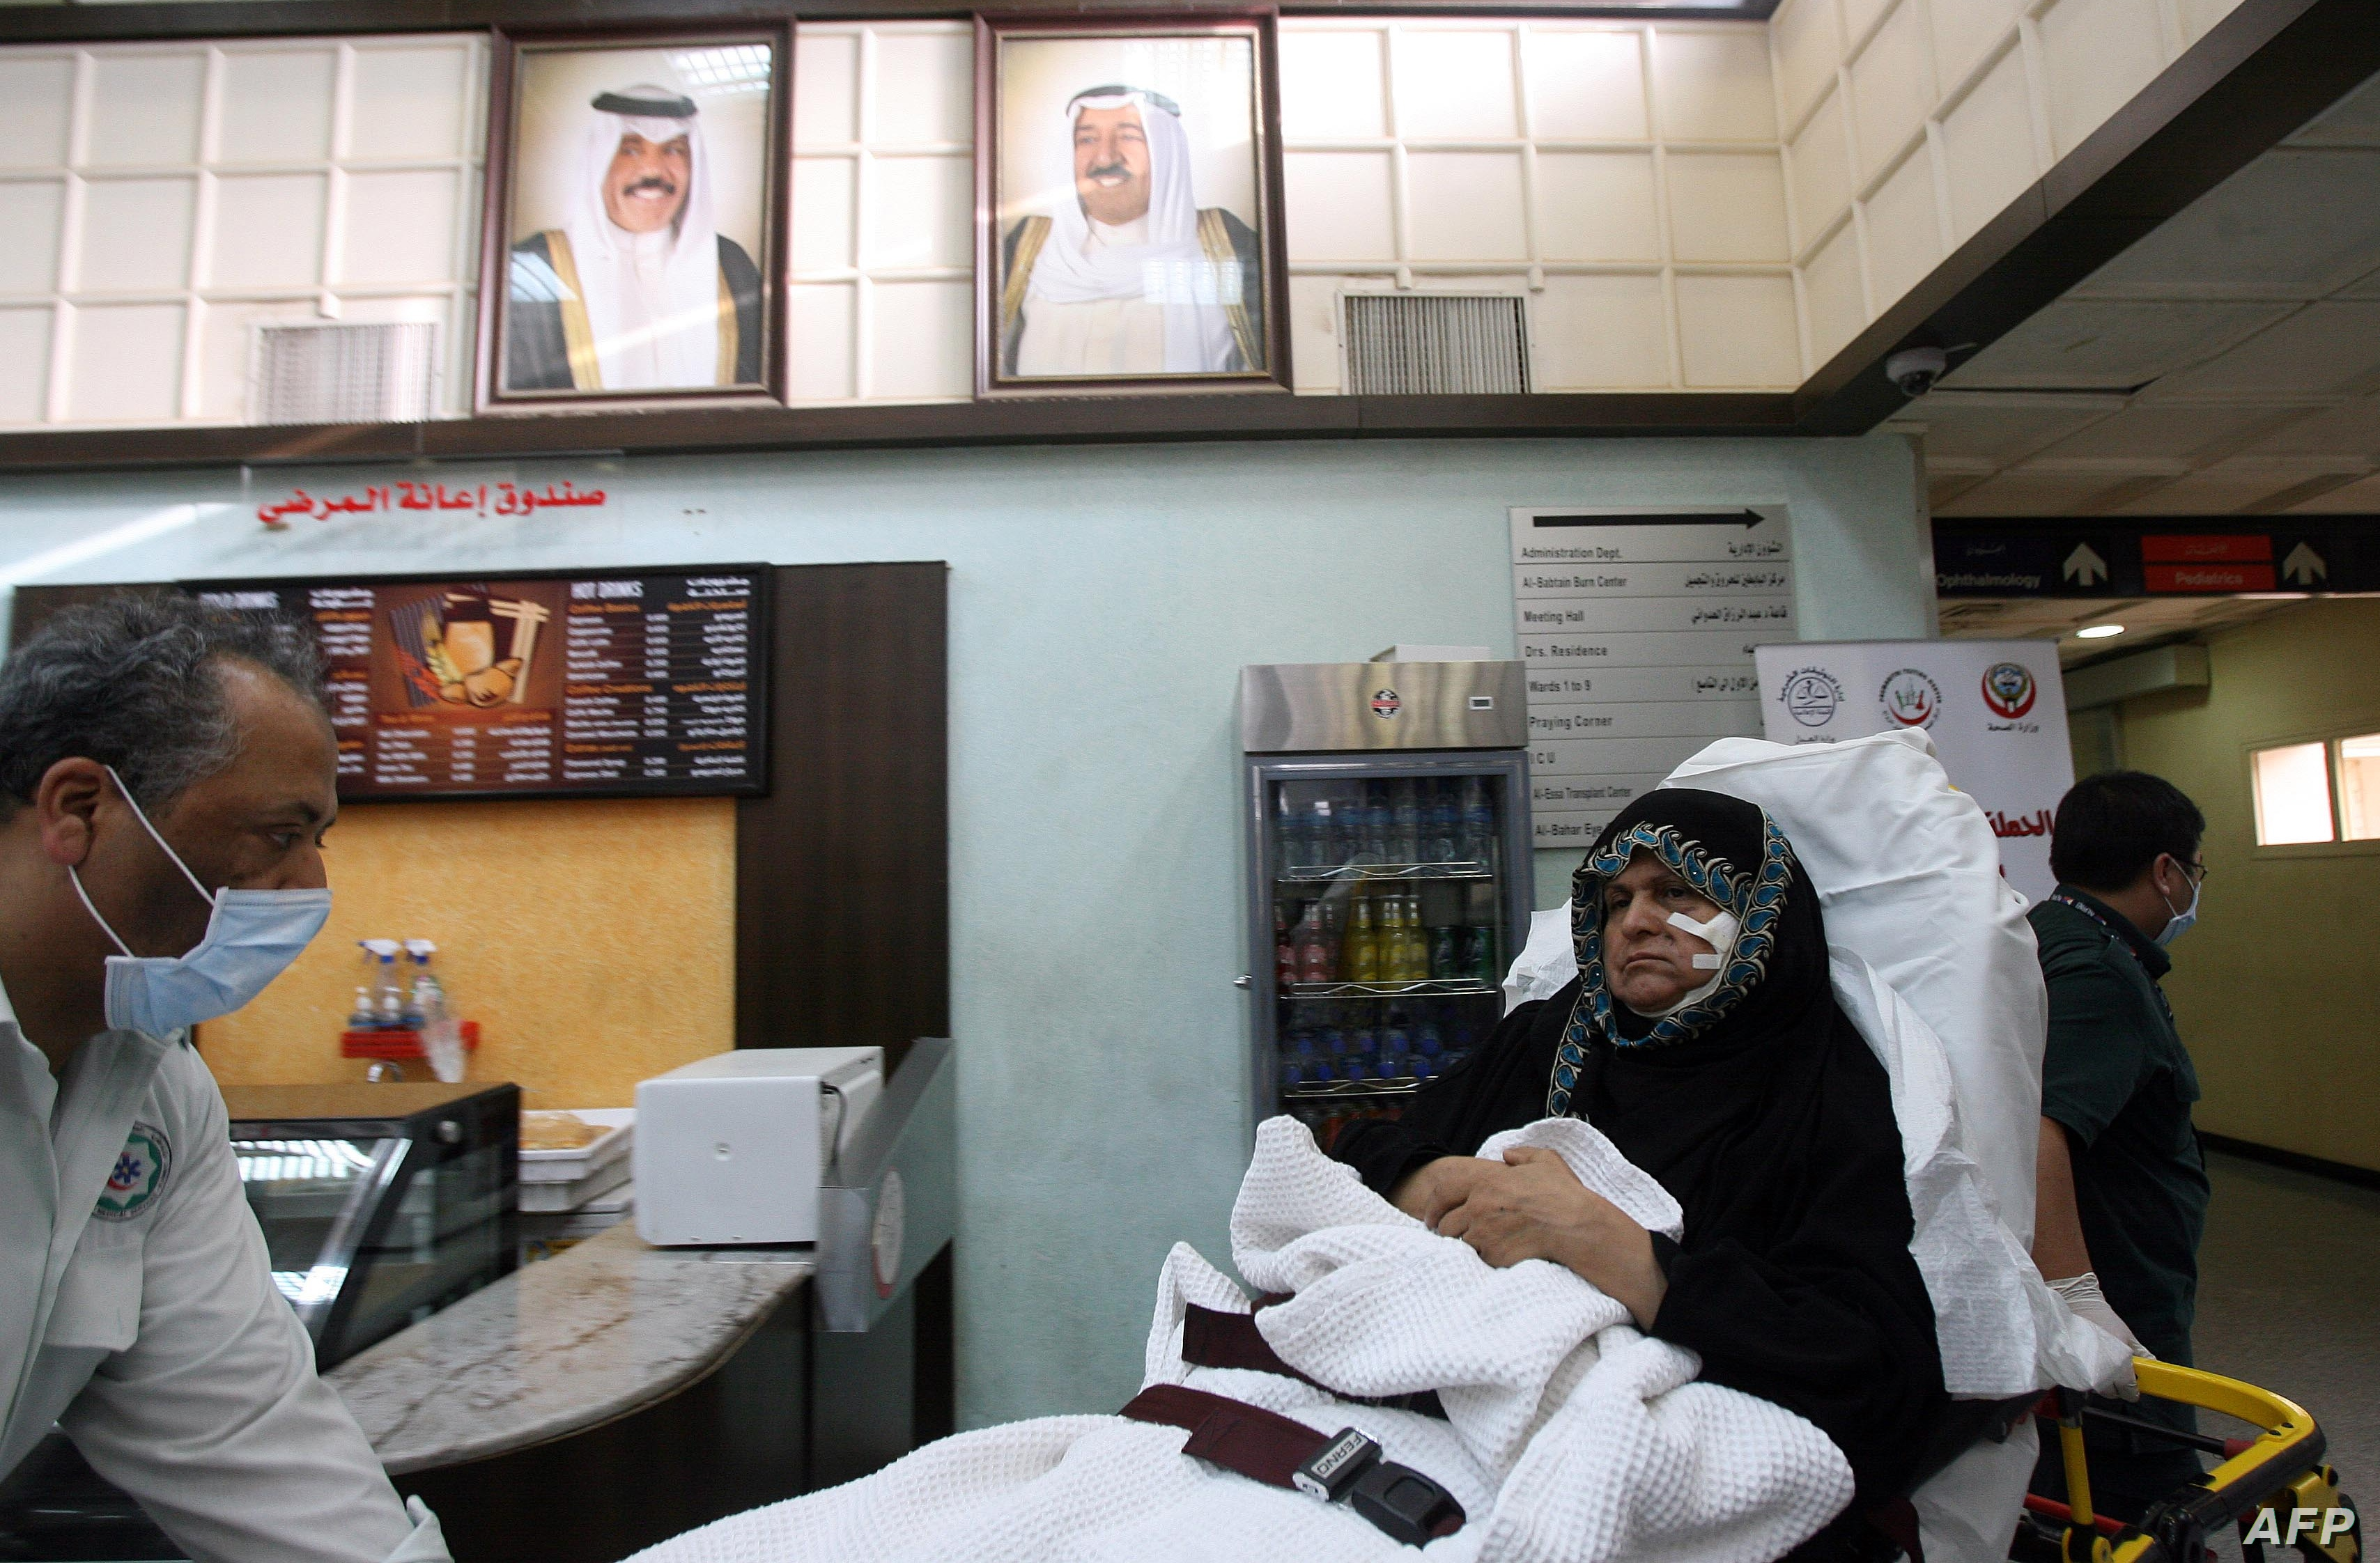 الاعتداء على طبيب في مستشفى الرازي في الكويت